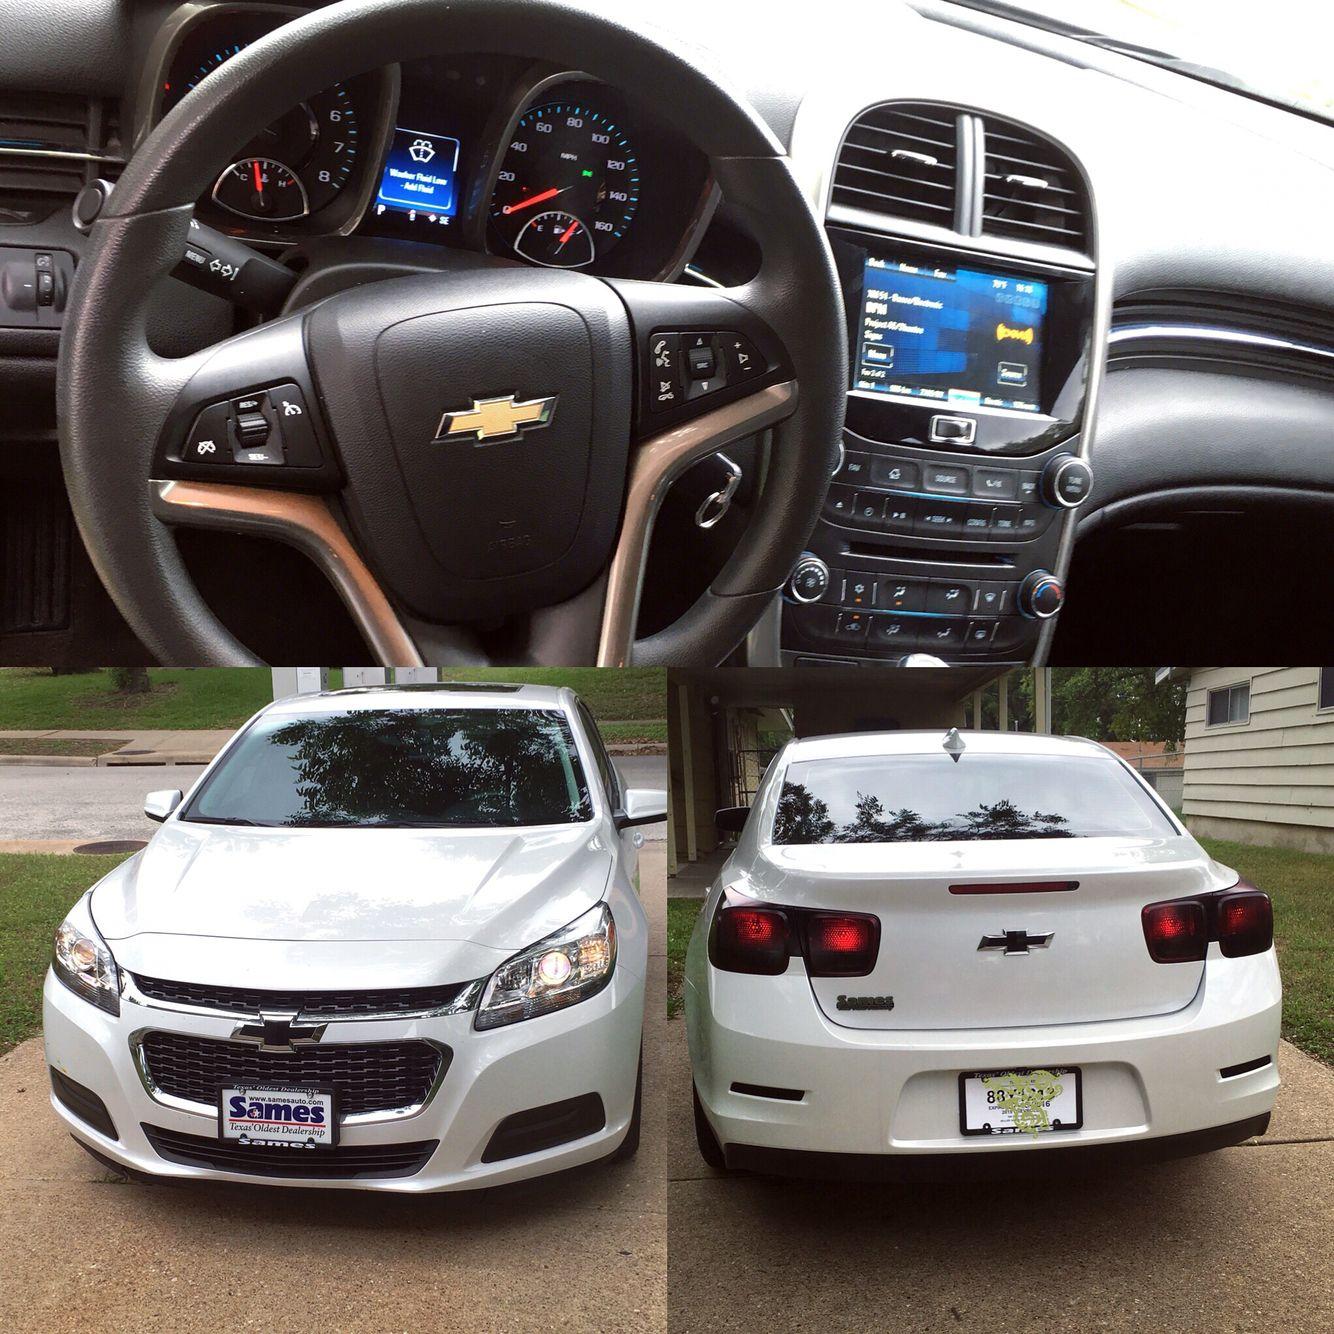 Chevy Malibu 2015 Chevy malibu, Chevrolet malibu, Malibu car